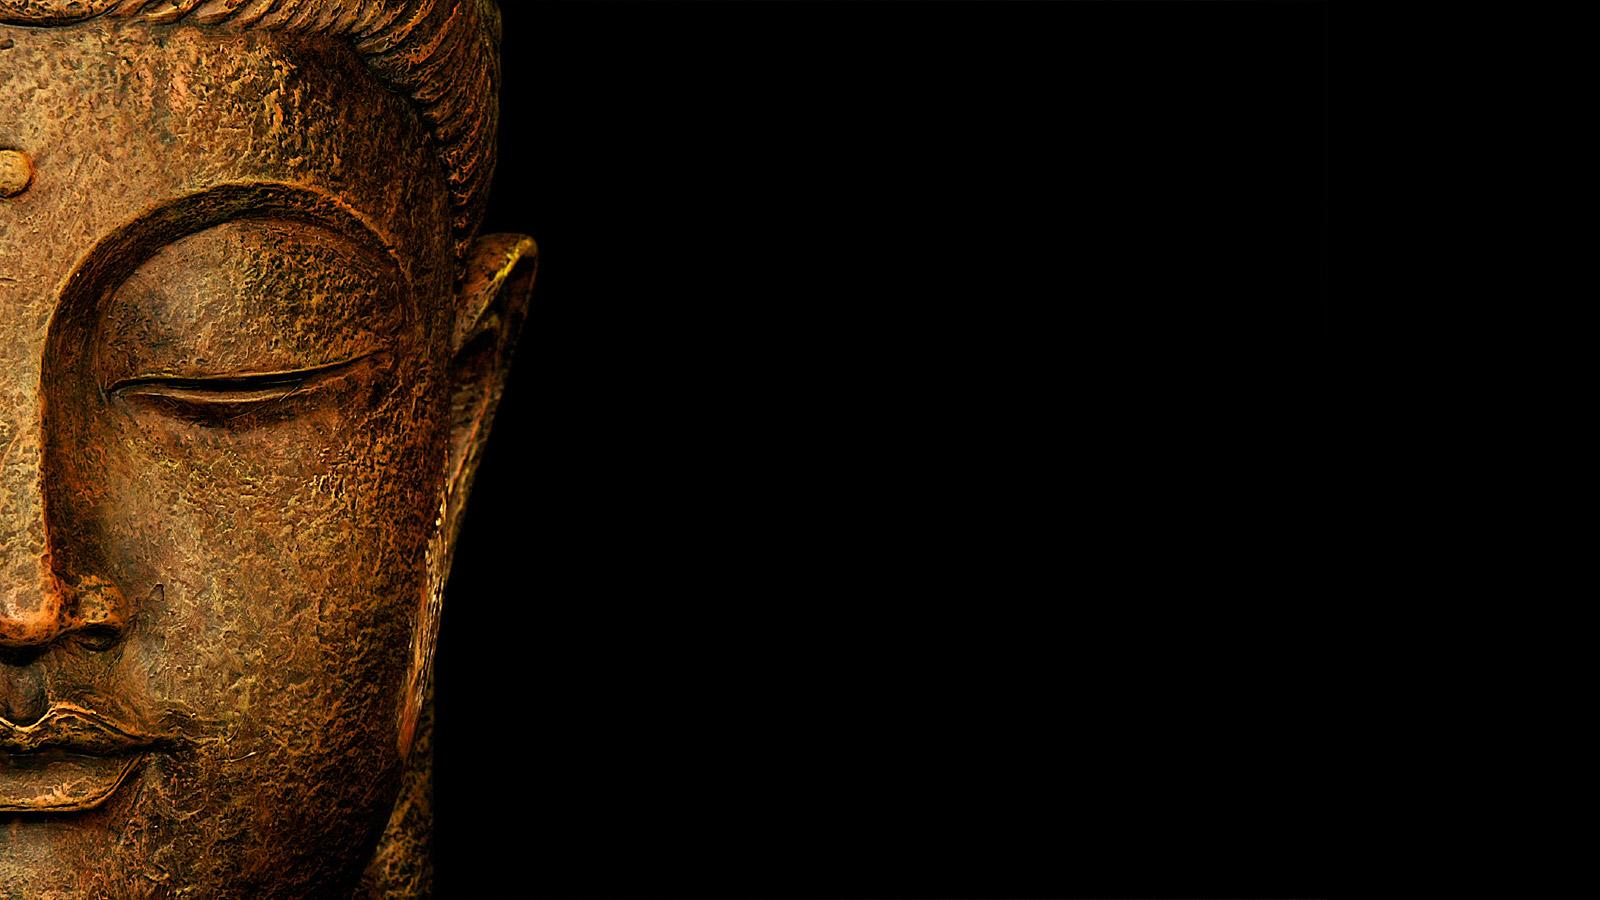 Download Buddha Wallpaper 1600x900 Wallpoper 370597 1600x900